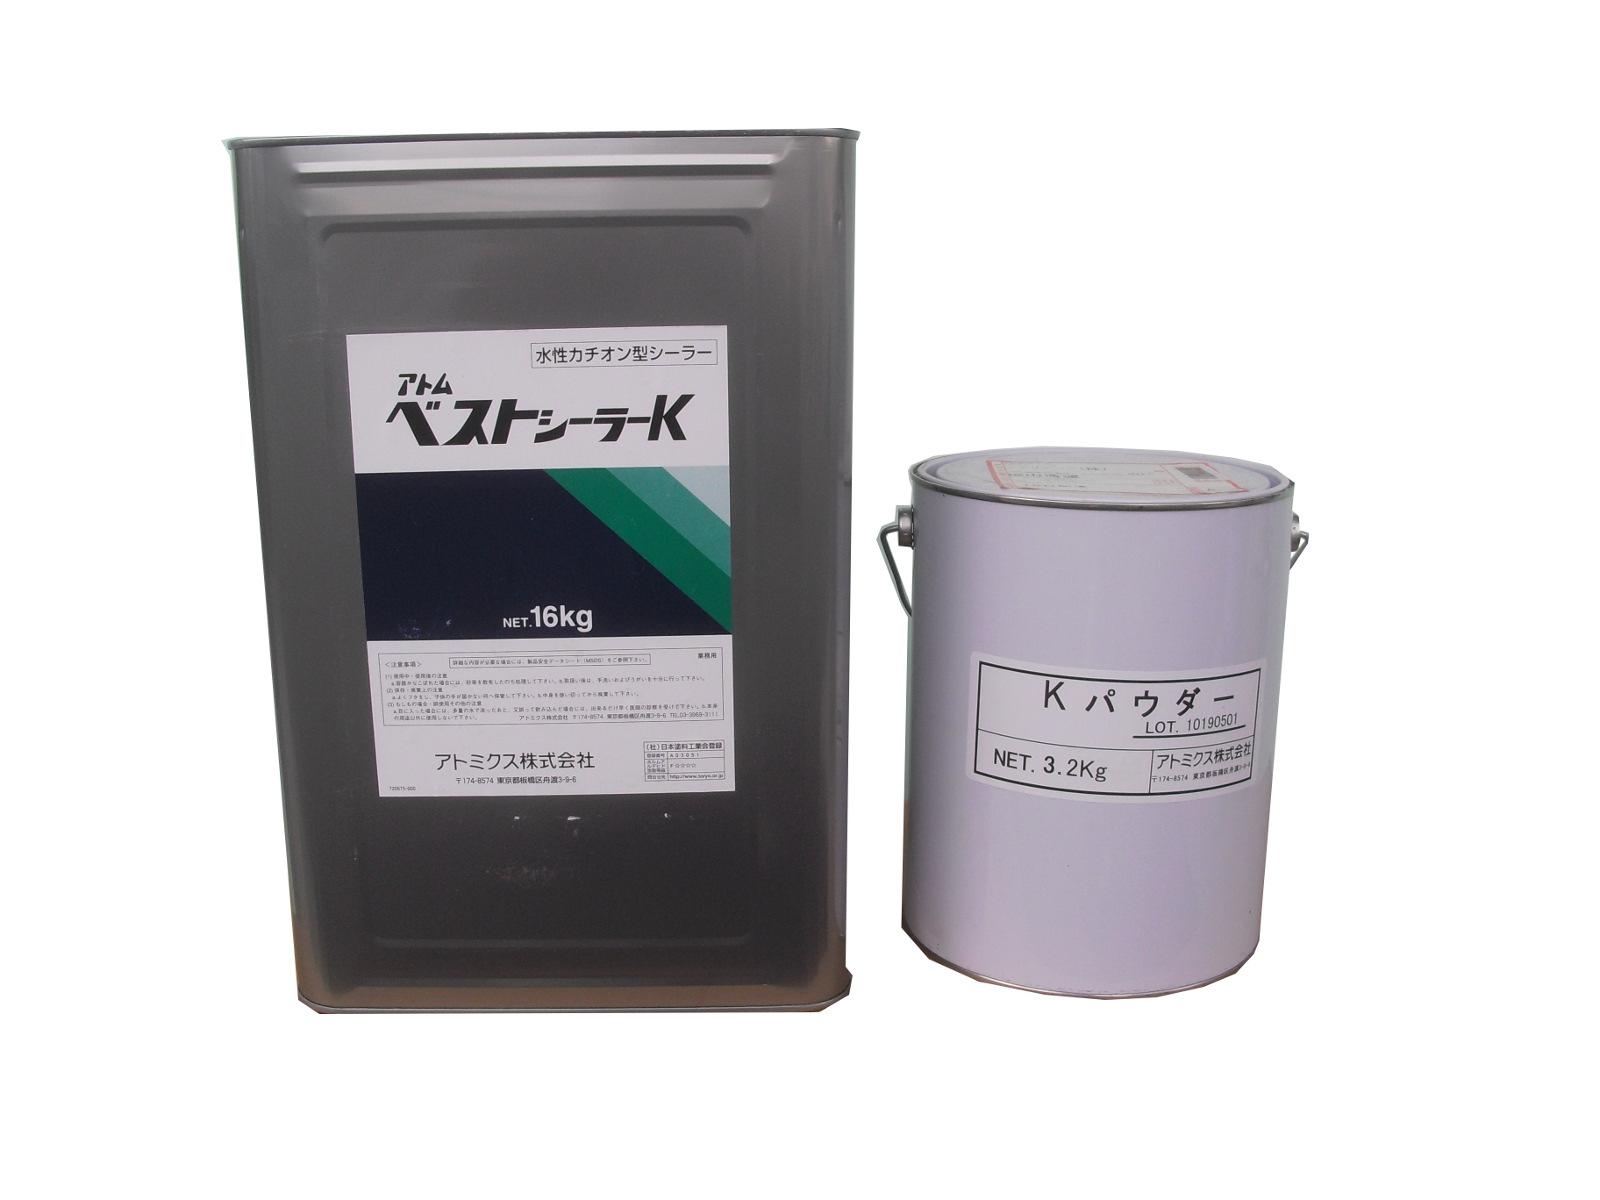 アトミクス ベストシーラーKセット(ベストシーラーK/Kパウダー) 19.2kg【代引不可】【メーカー直送・個人宅配送不可】